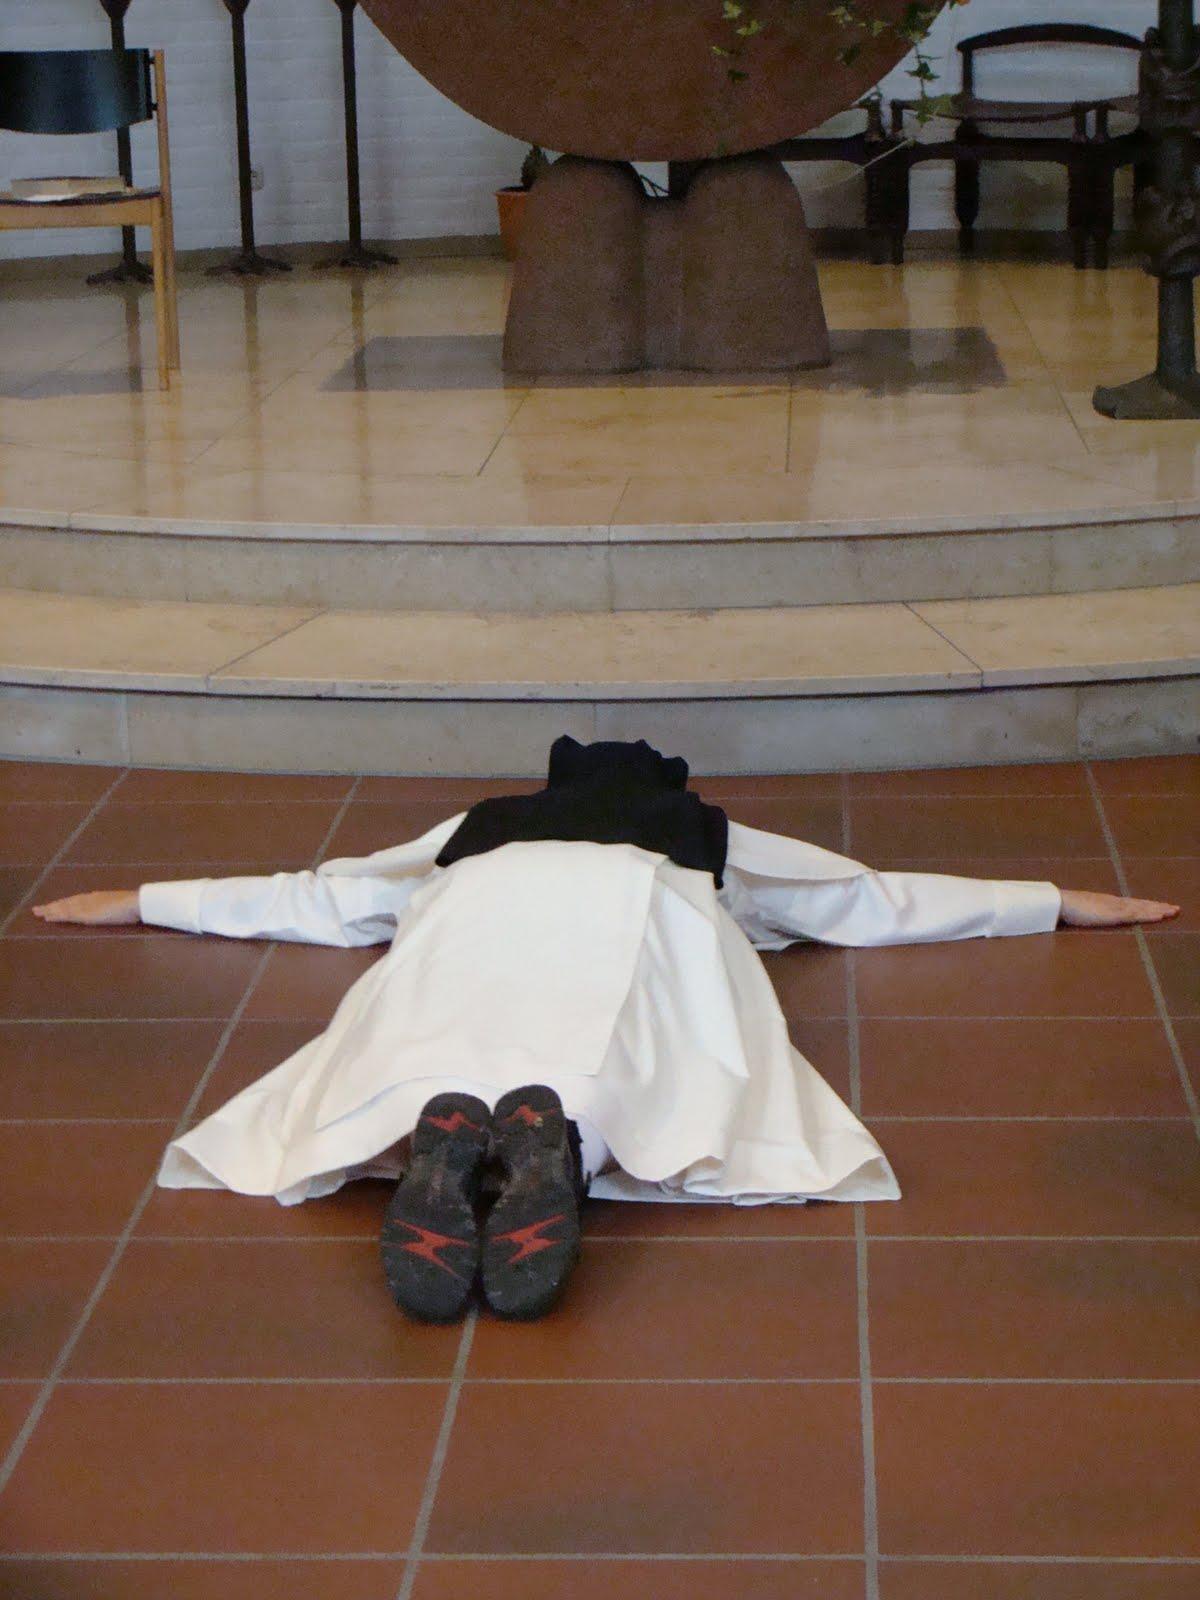 Bethanien Bloggt Einmal Im Leben In Der Kirche Auf Dem Boden Liegen